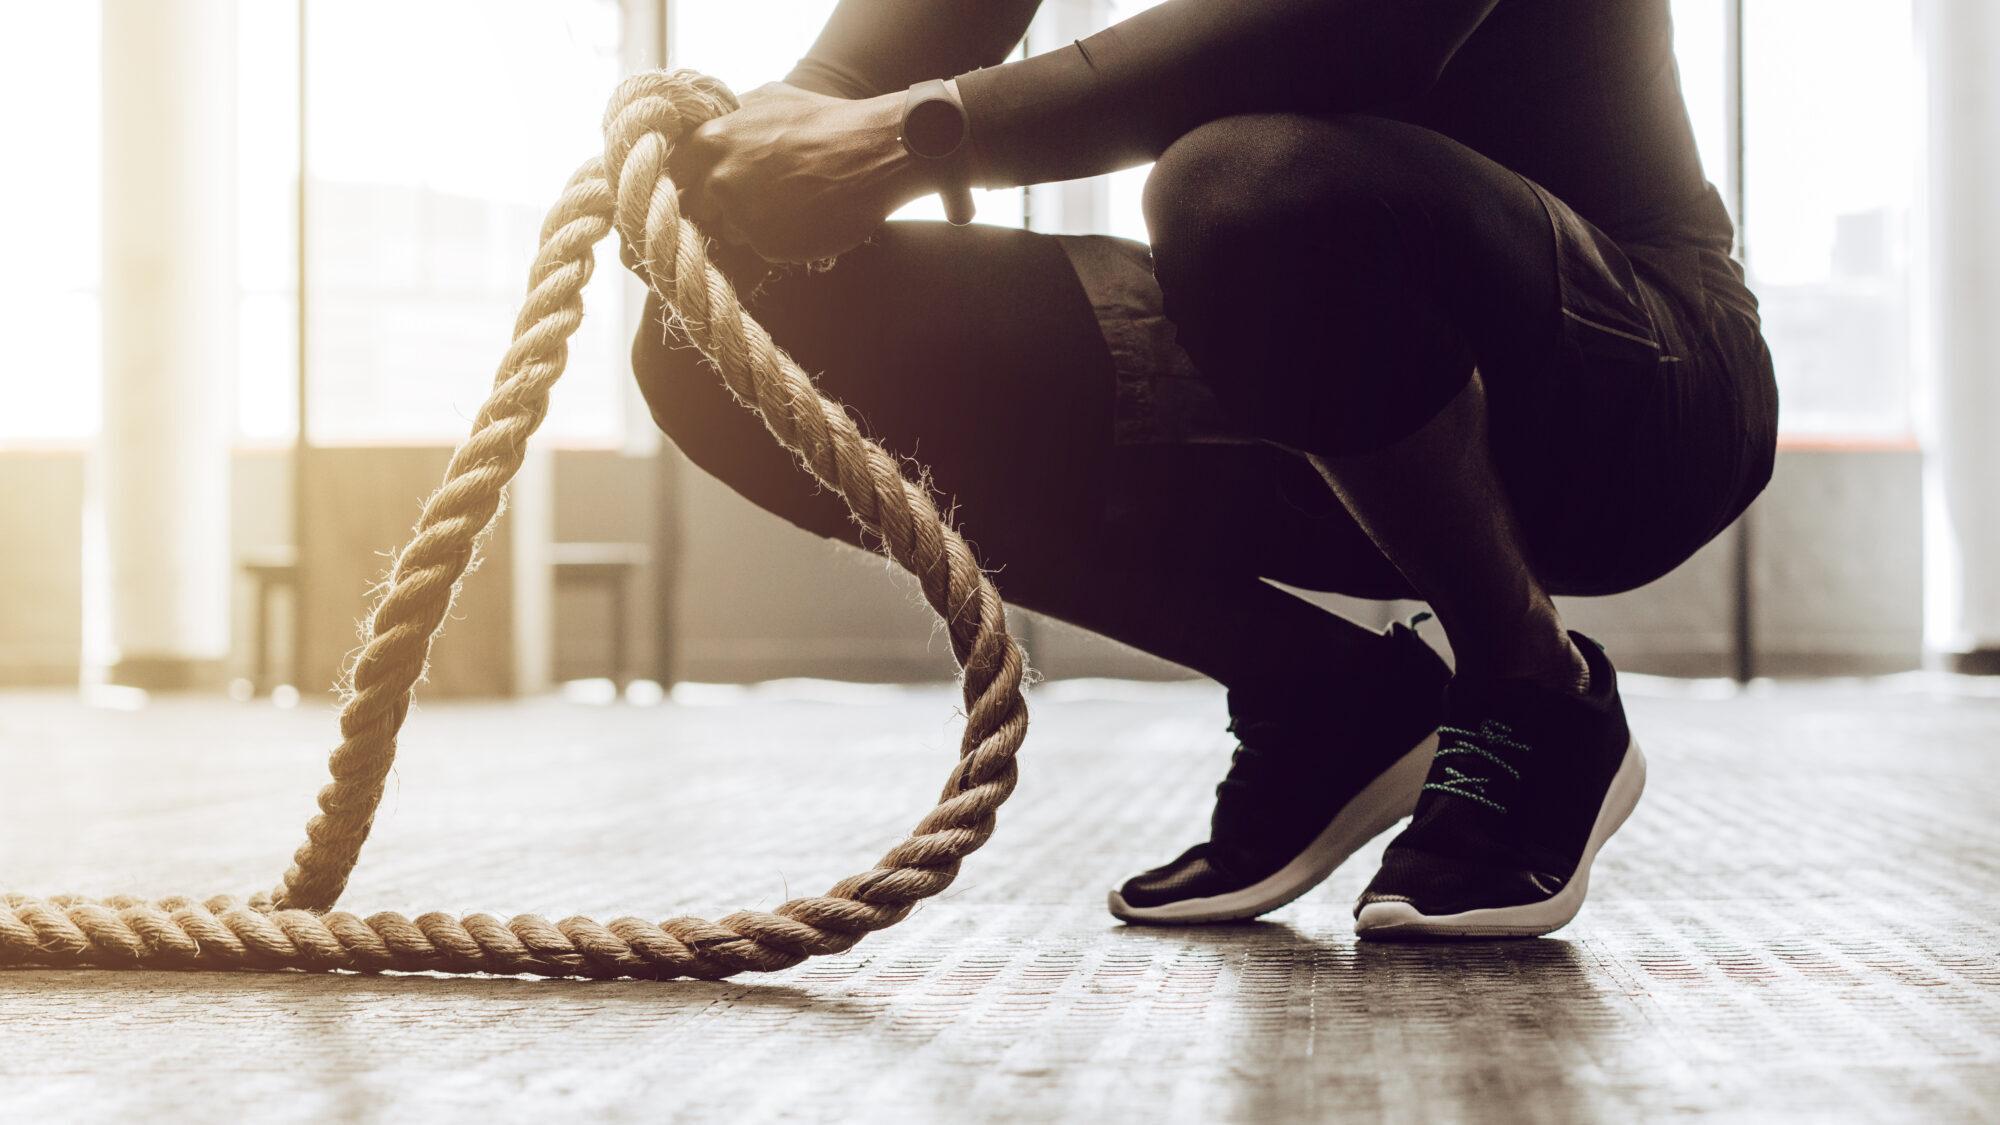 Mann beim Crossfit Training | Dein Personal Trainer Berlin